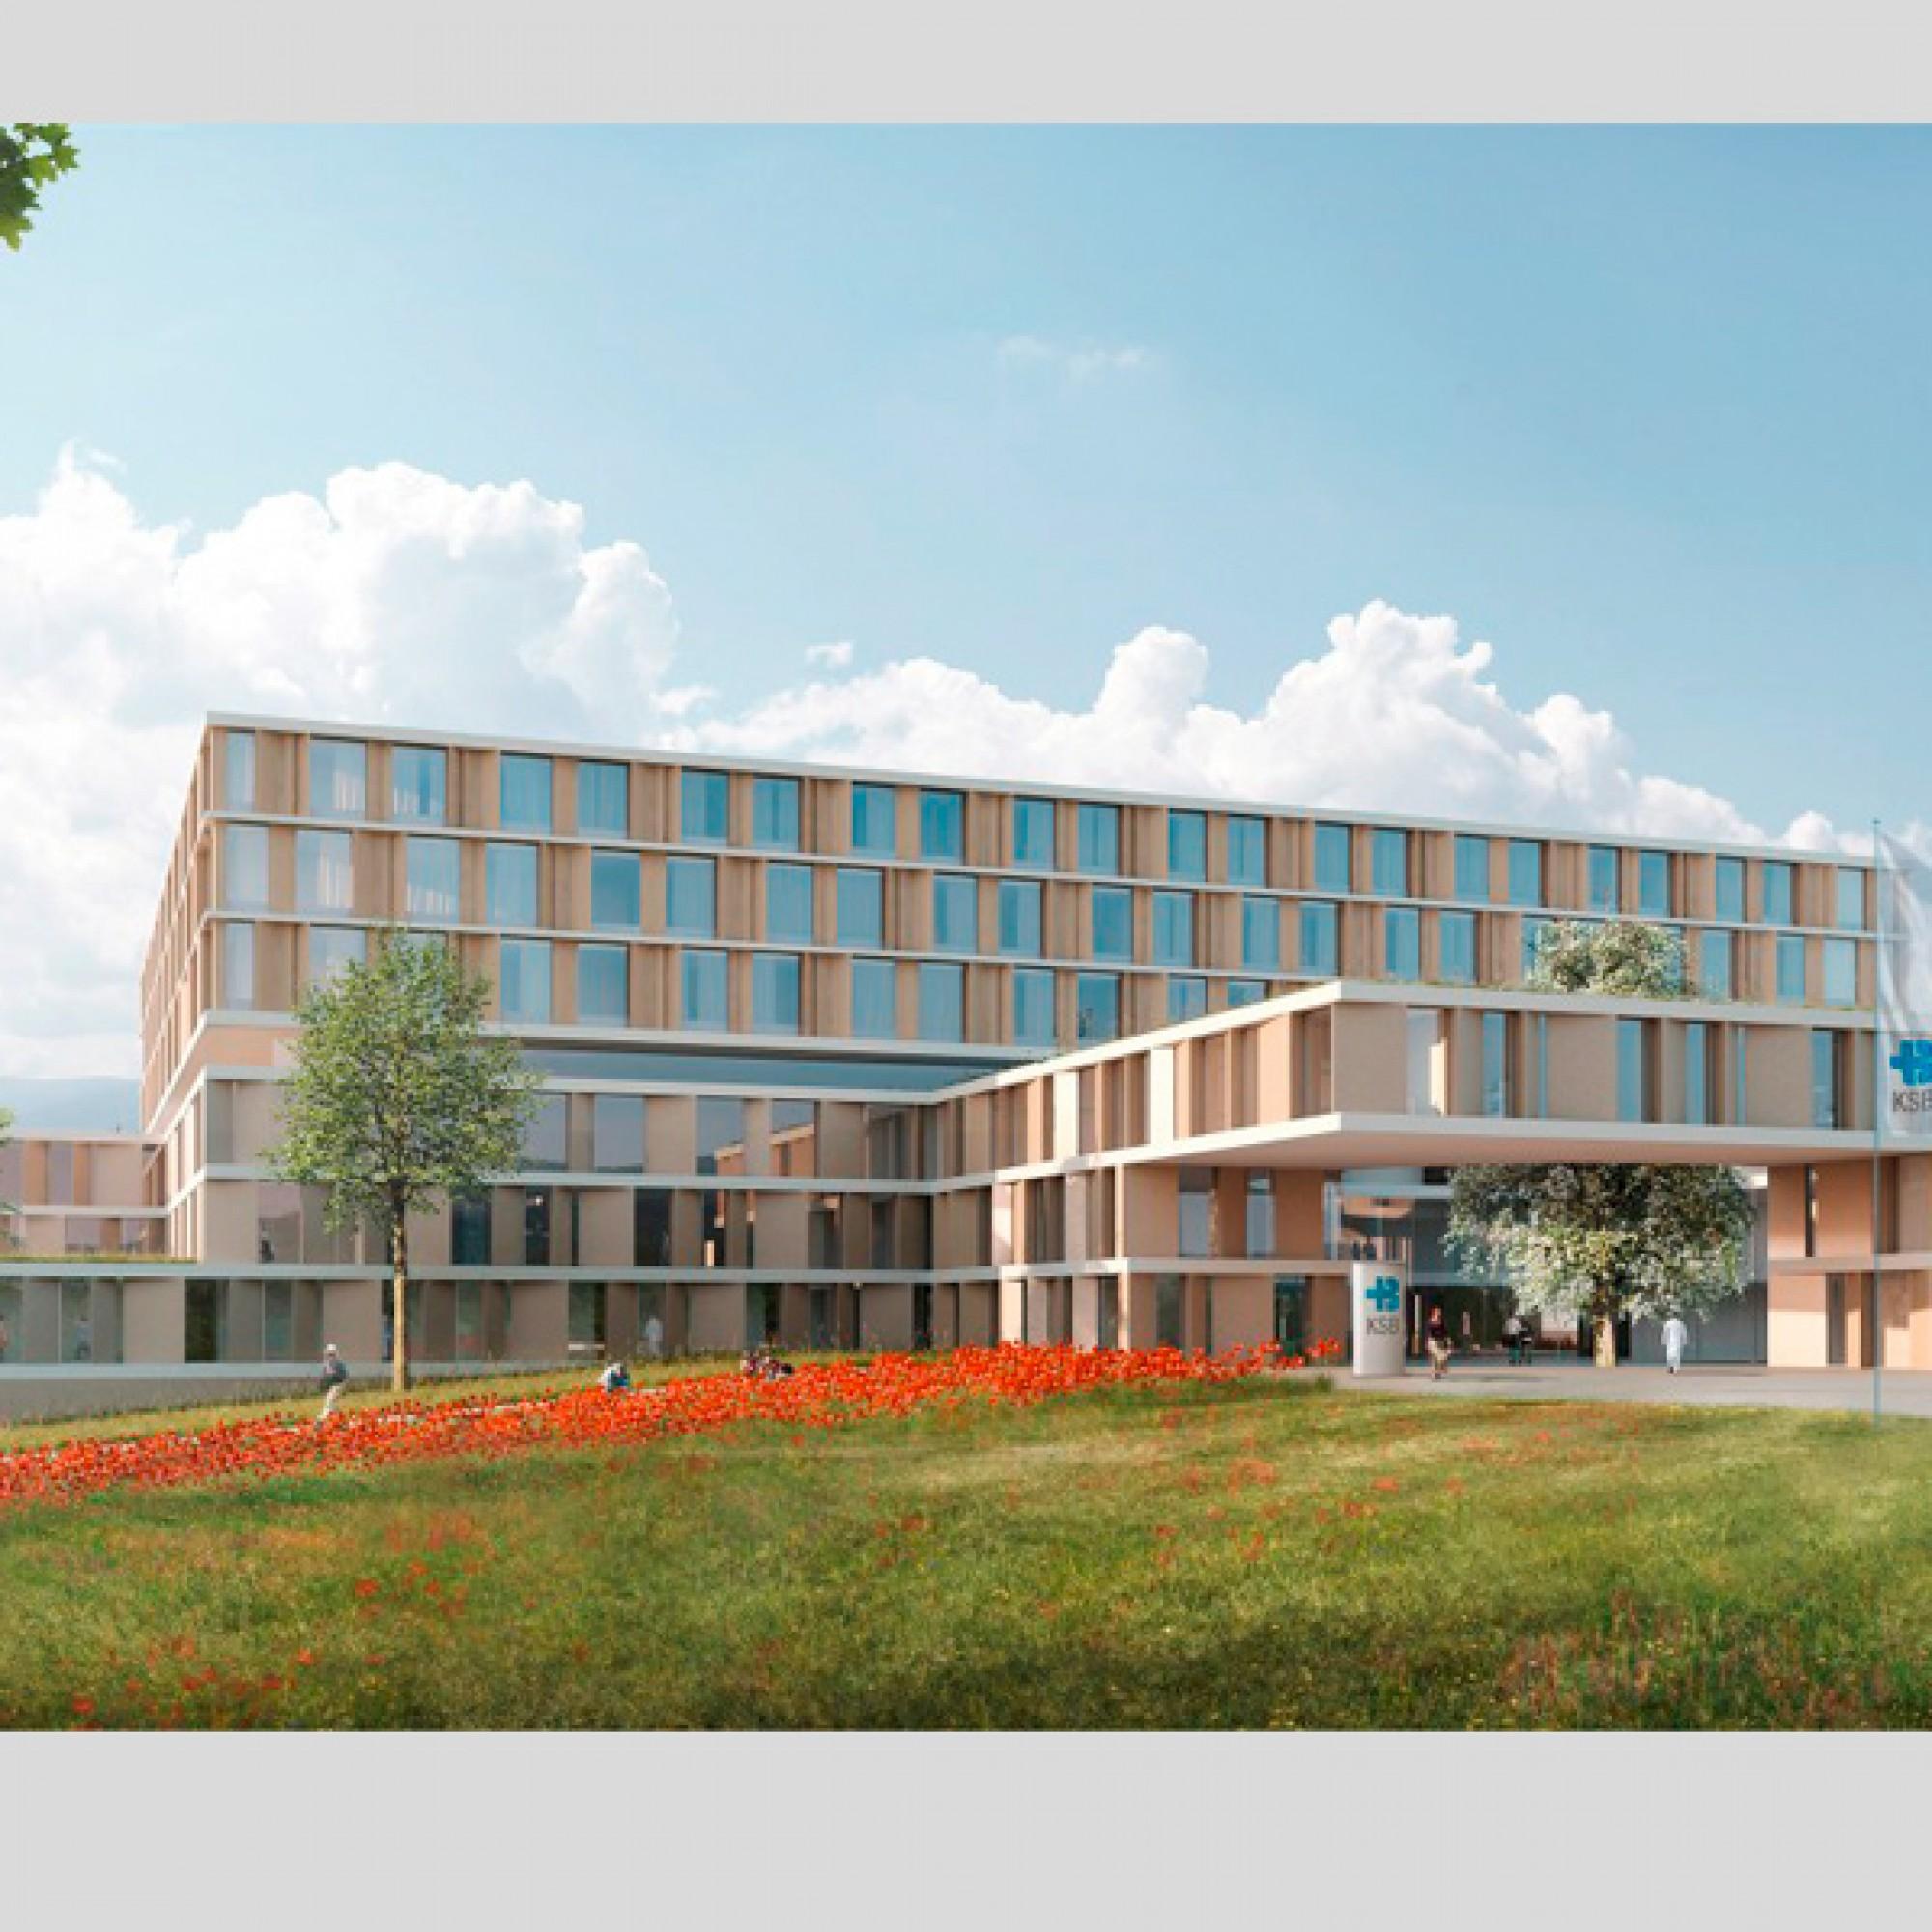 Der Neubau soll flexibel erweitert werden können. (KSB/PD) 1/2